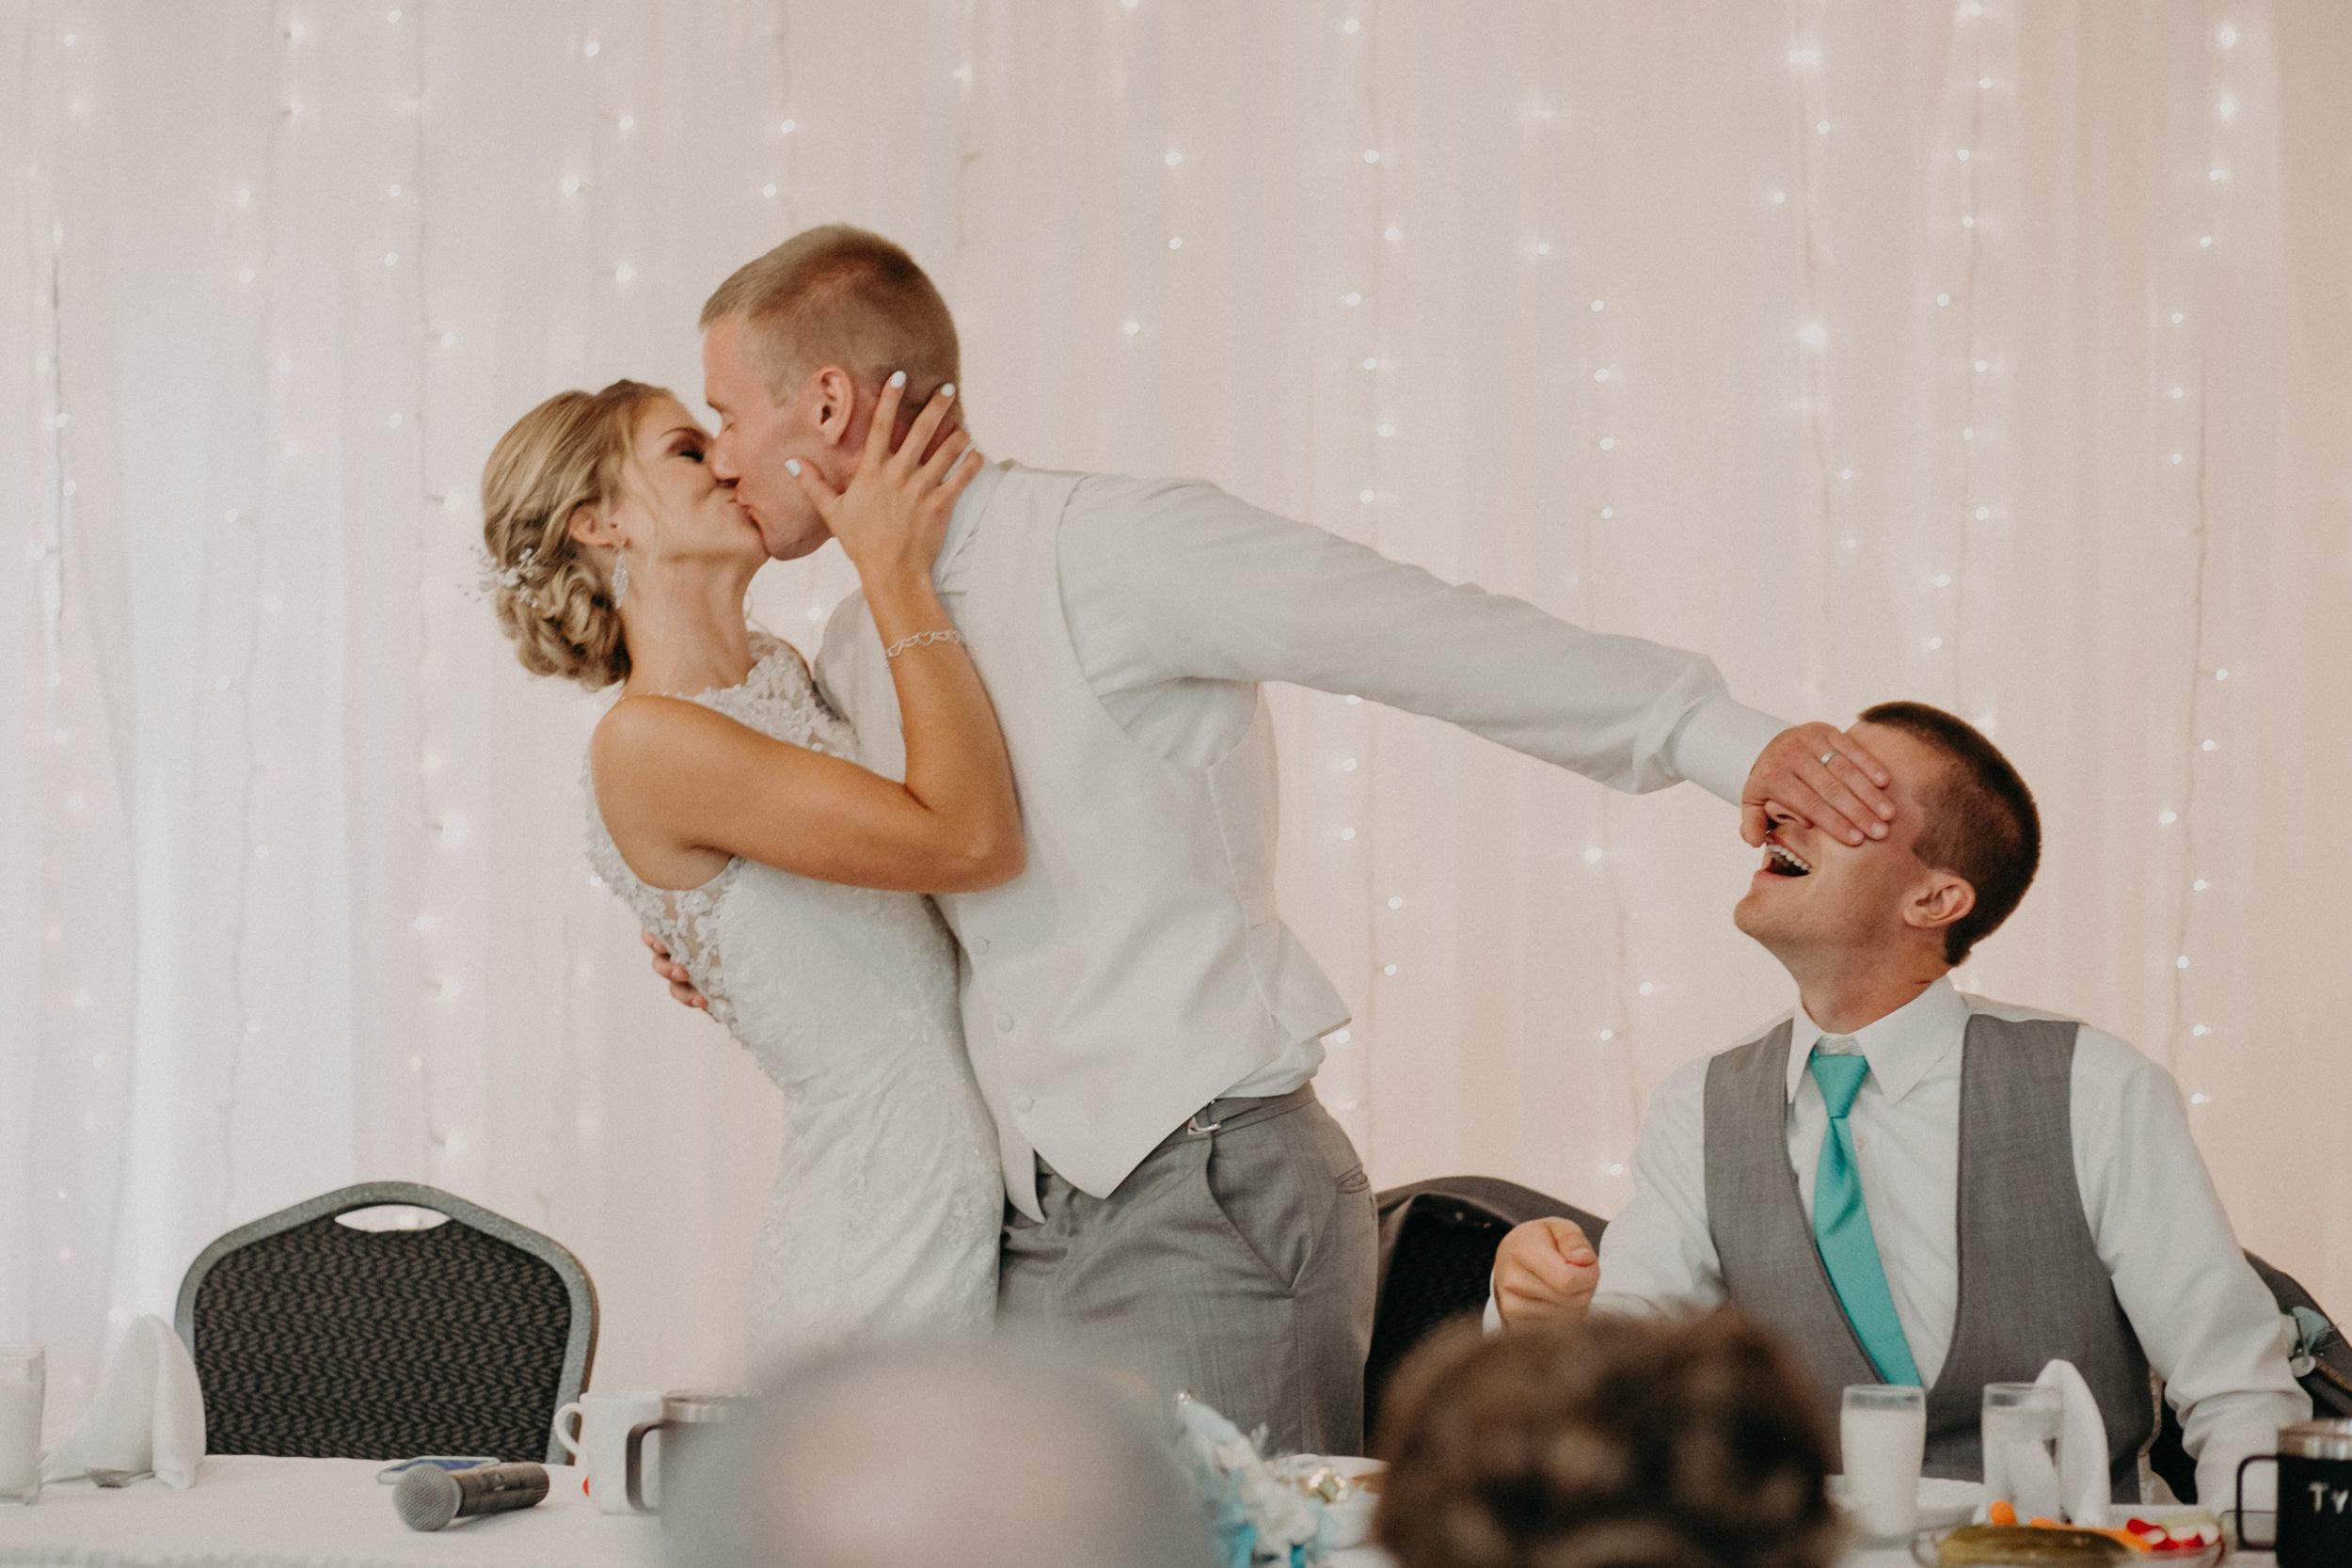 lenz-stargardt-wedding-reception-eagles-club-kissing-bride-groom